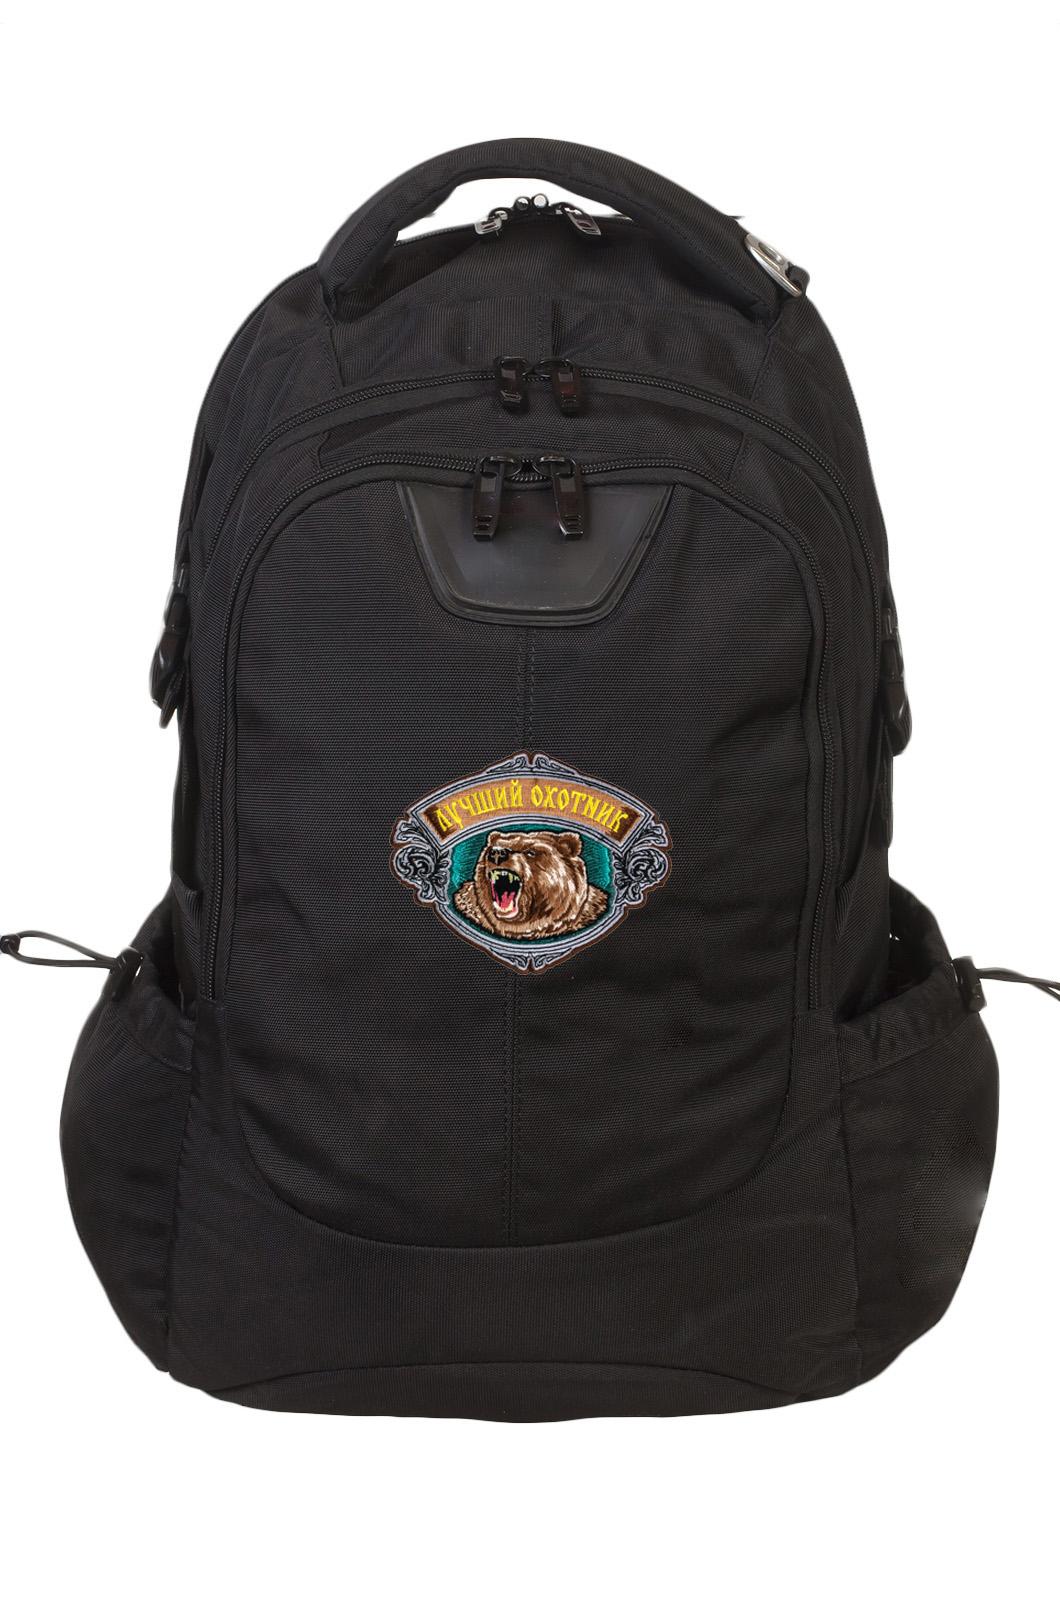 Практичный черный рюкзак с нашивкой Лучший Охотник